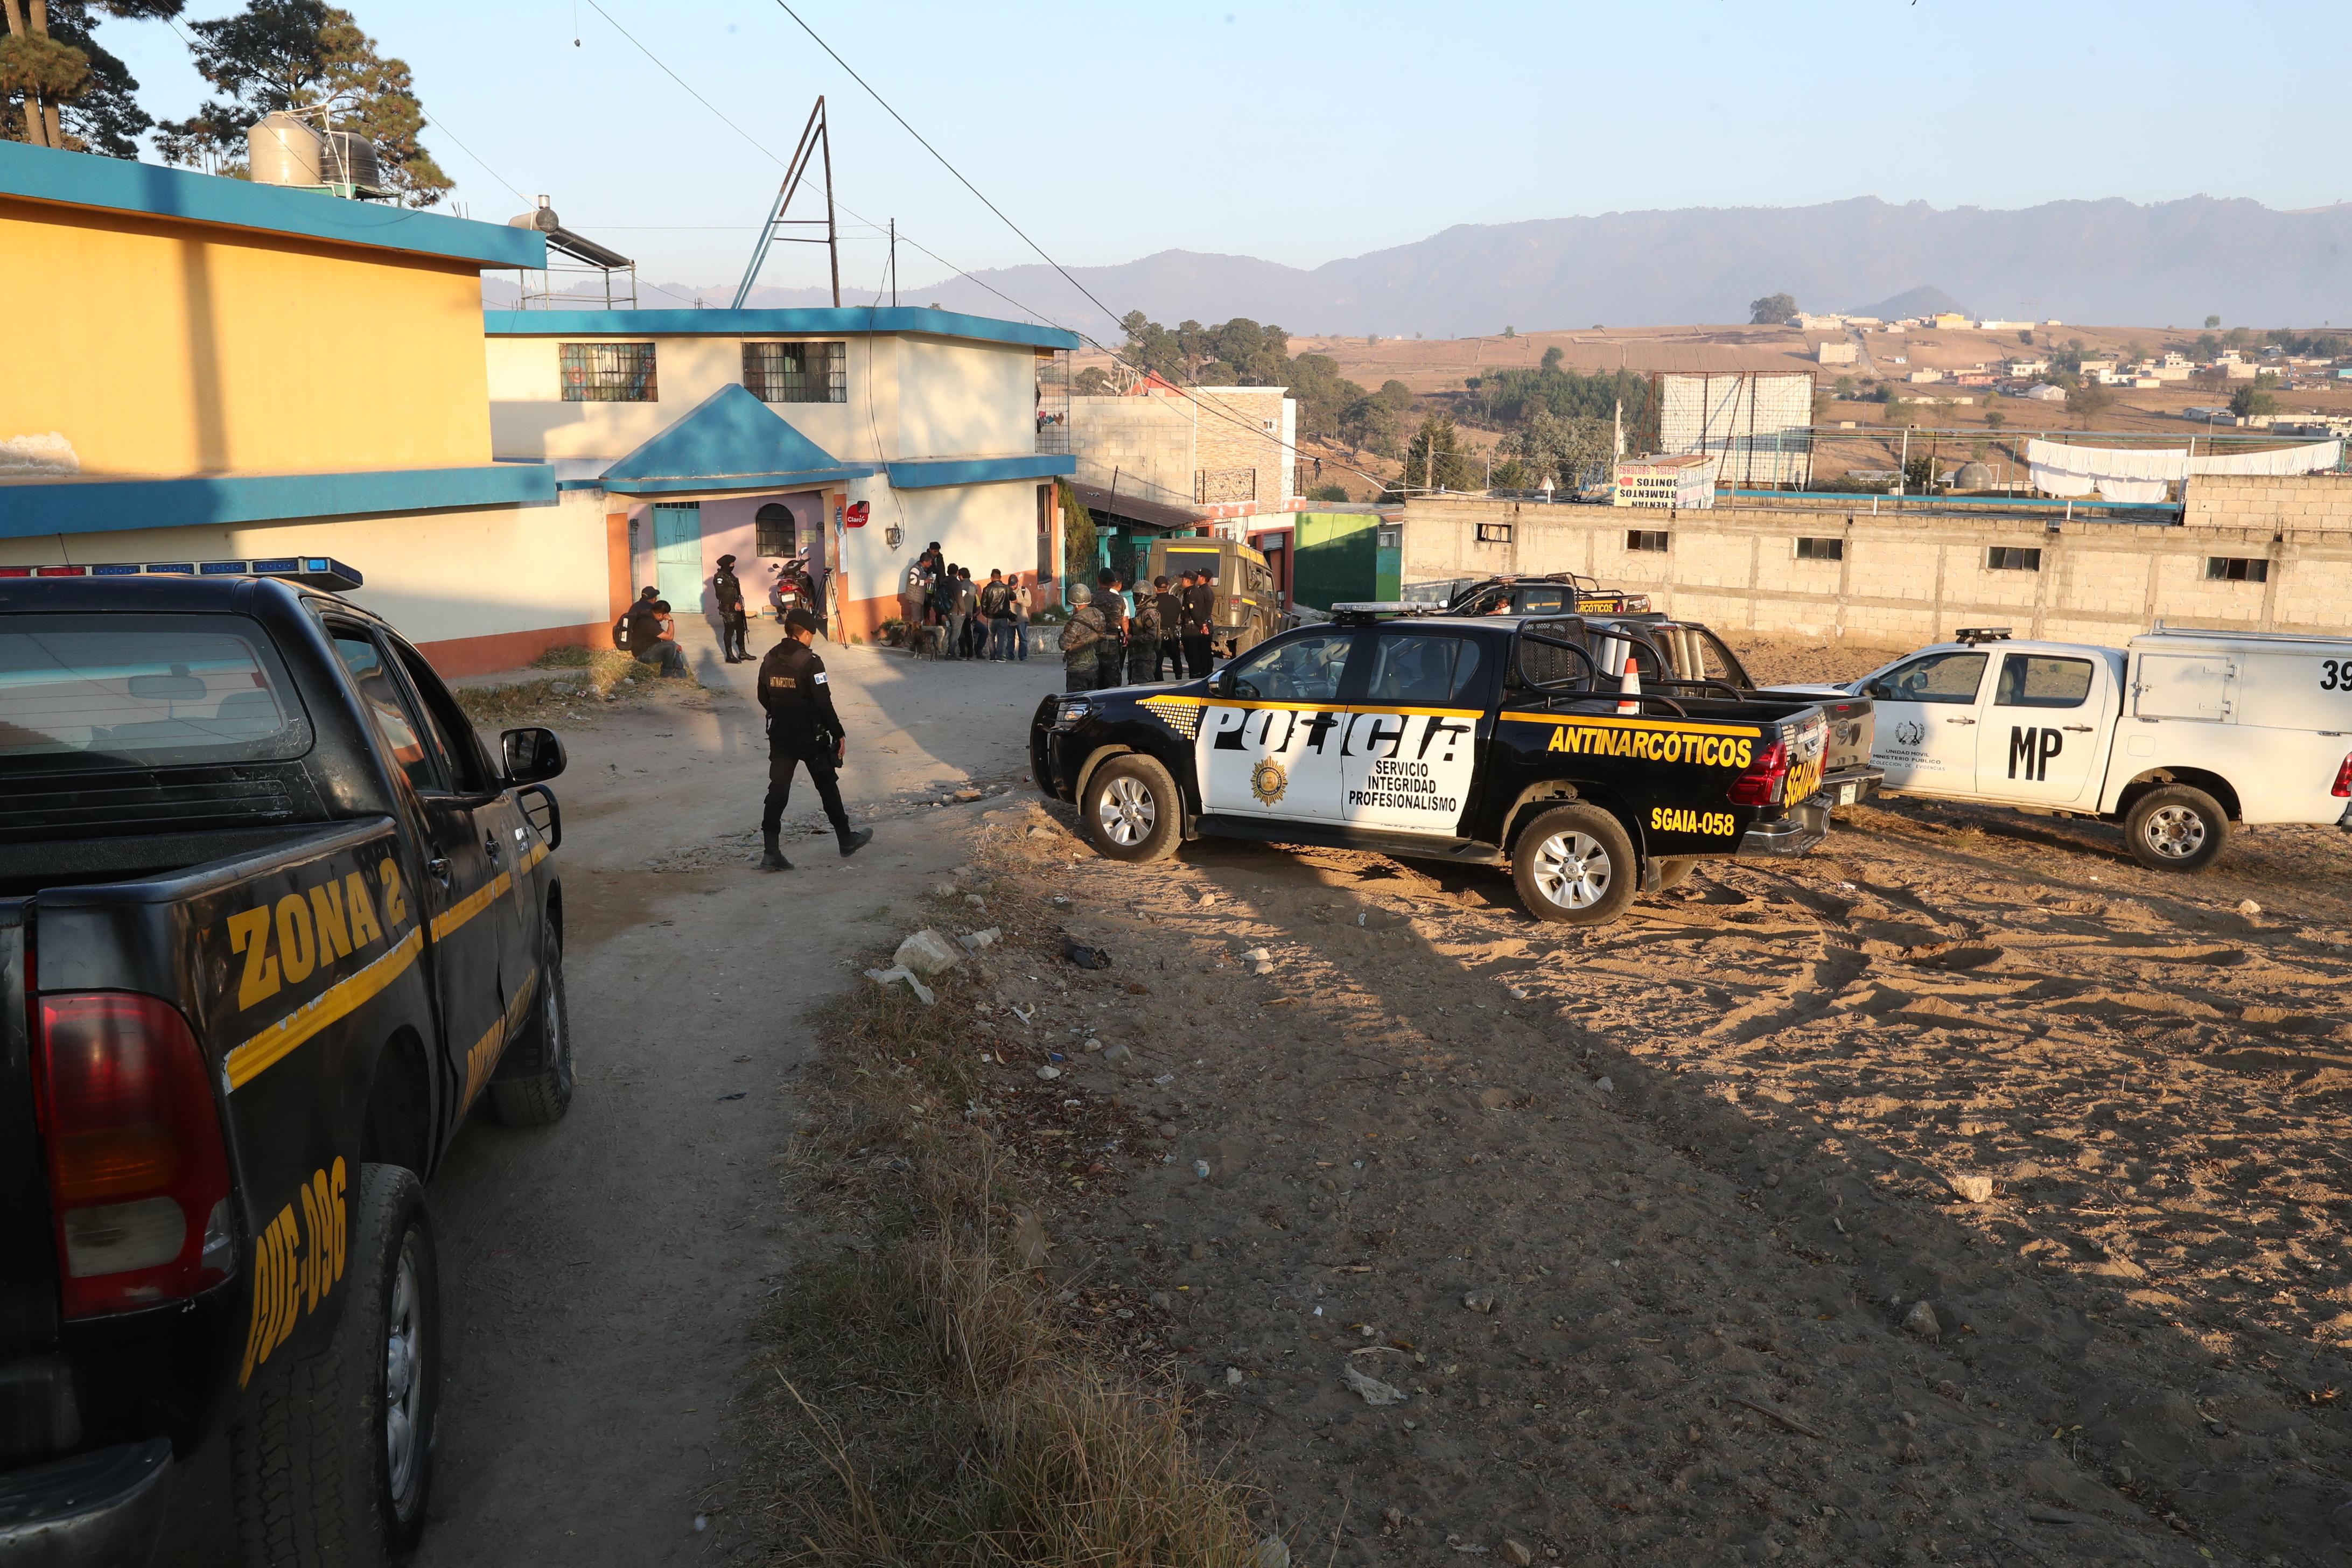 Agentes antinarcóticos desmantelaron un narcolaboratorio y detuvieron a un hombre. (Foto Prensa Libre)